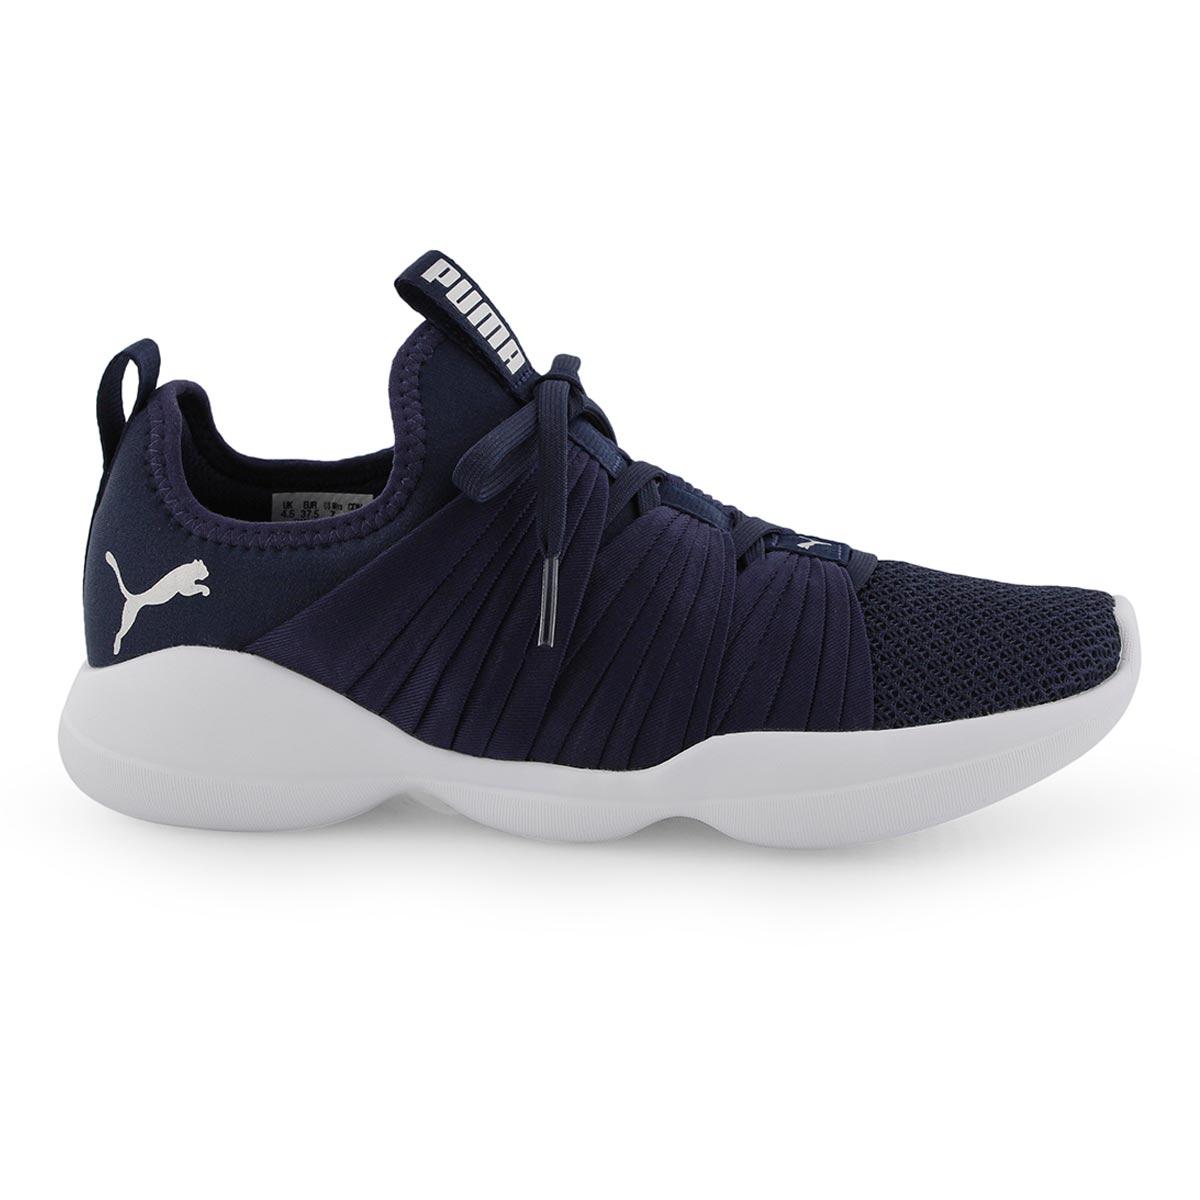 Lds Flourish peacoat/wht slip on sneaker